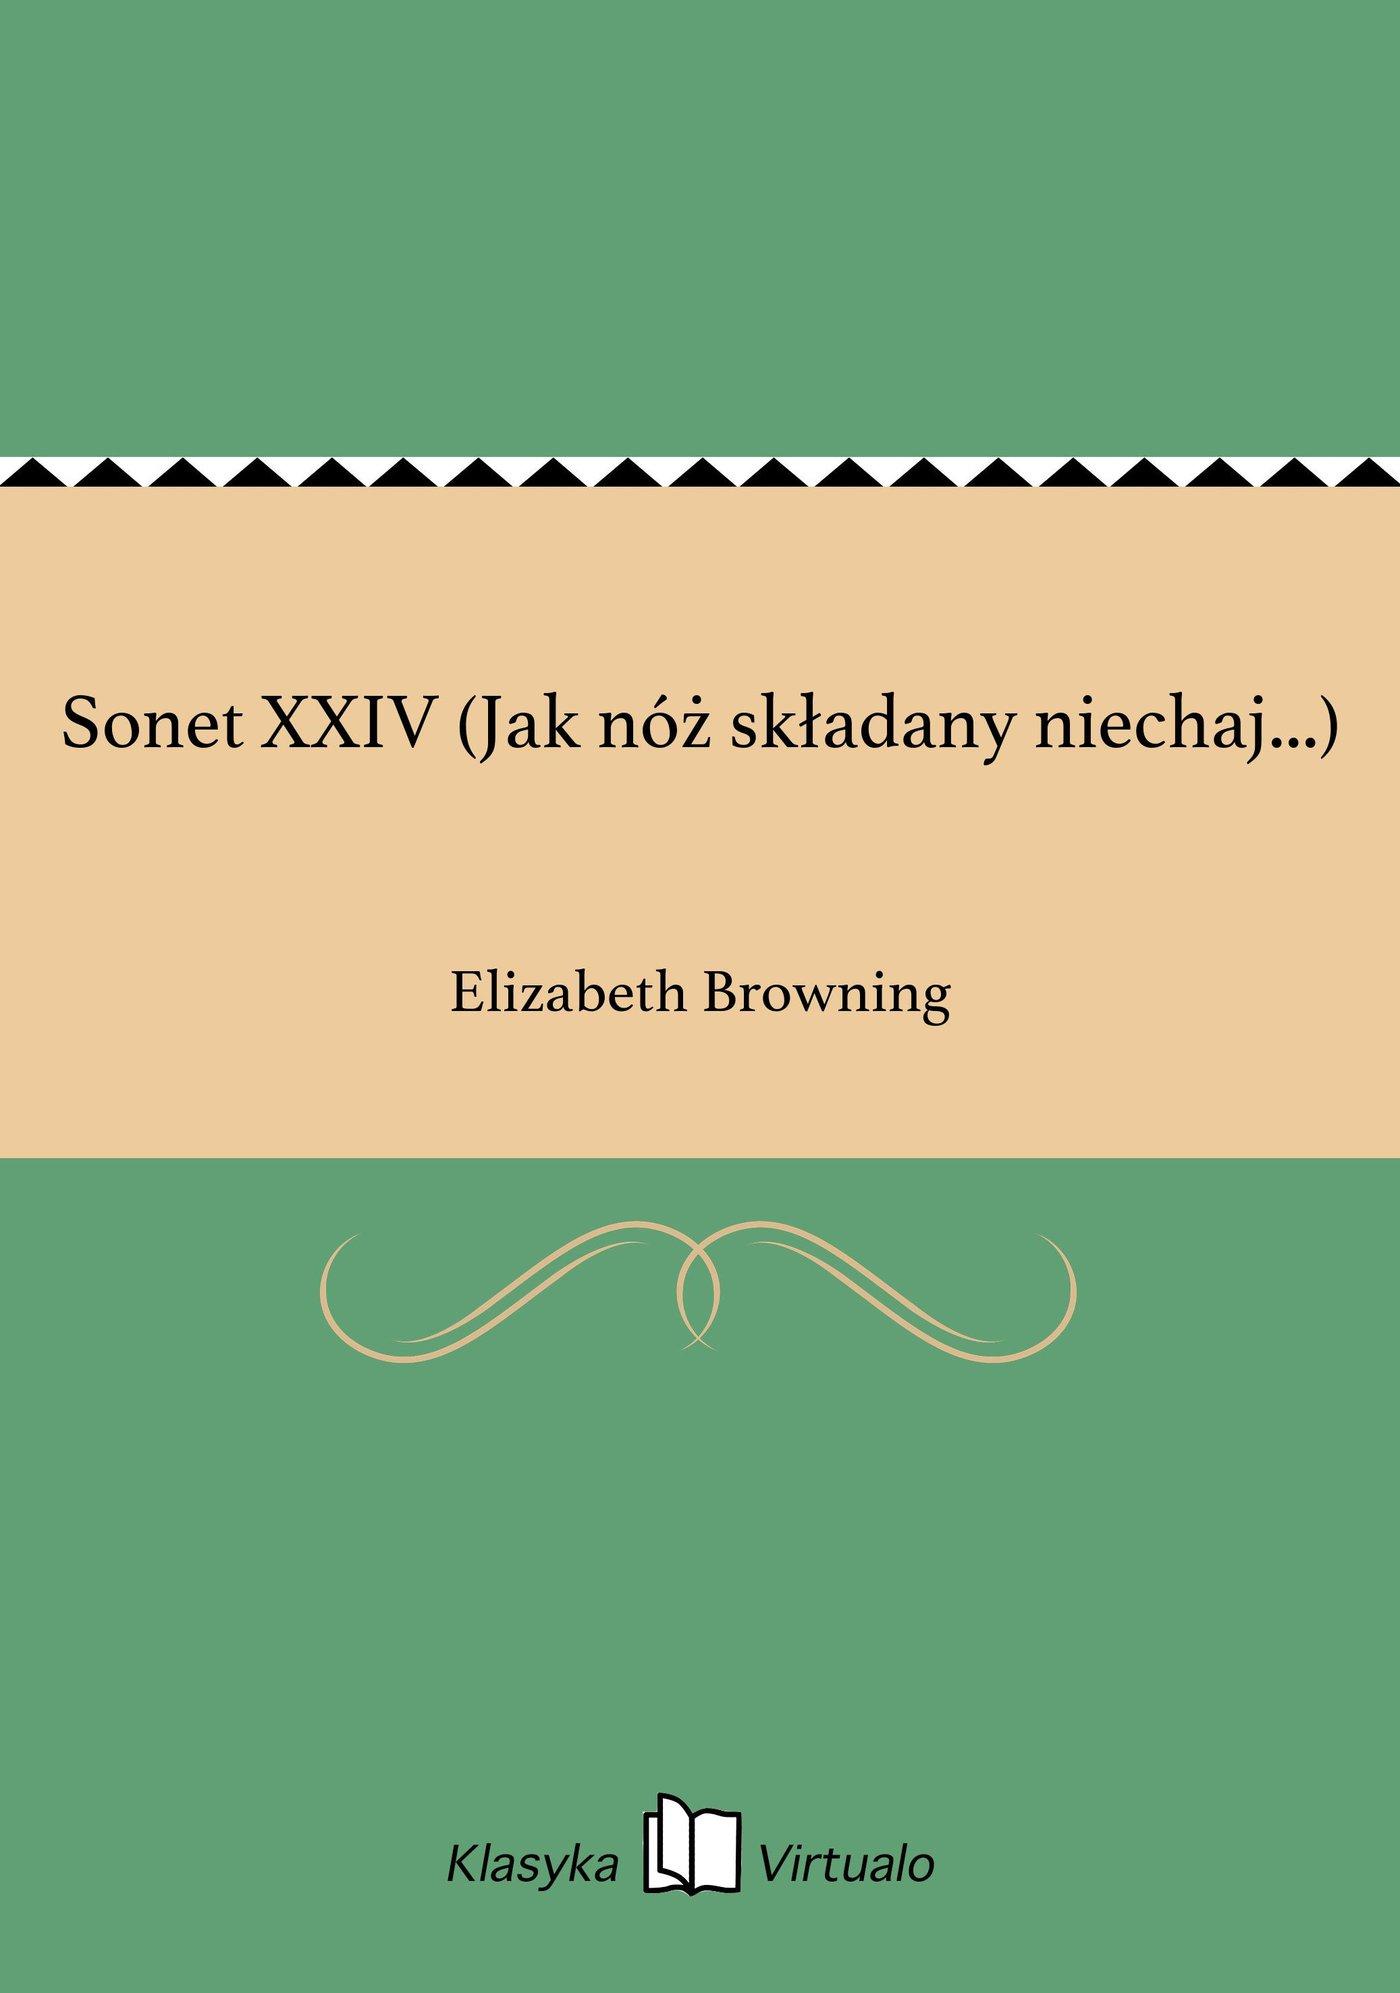 Sonet XXIV (Jak nóż składany niechaj...) - Ebook (Książka EPUB) do pobrania w formacie EPUB